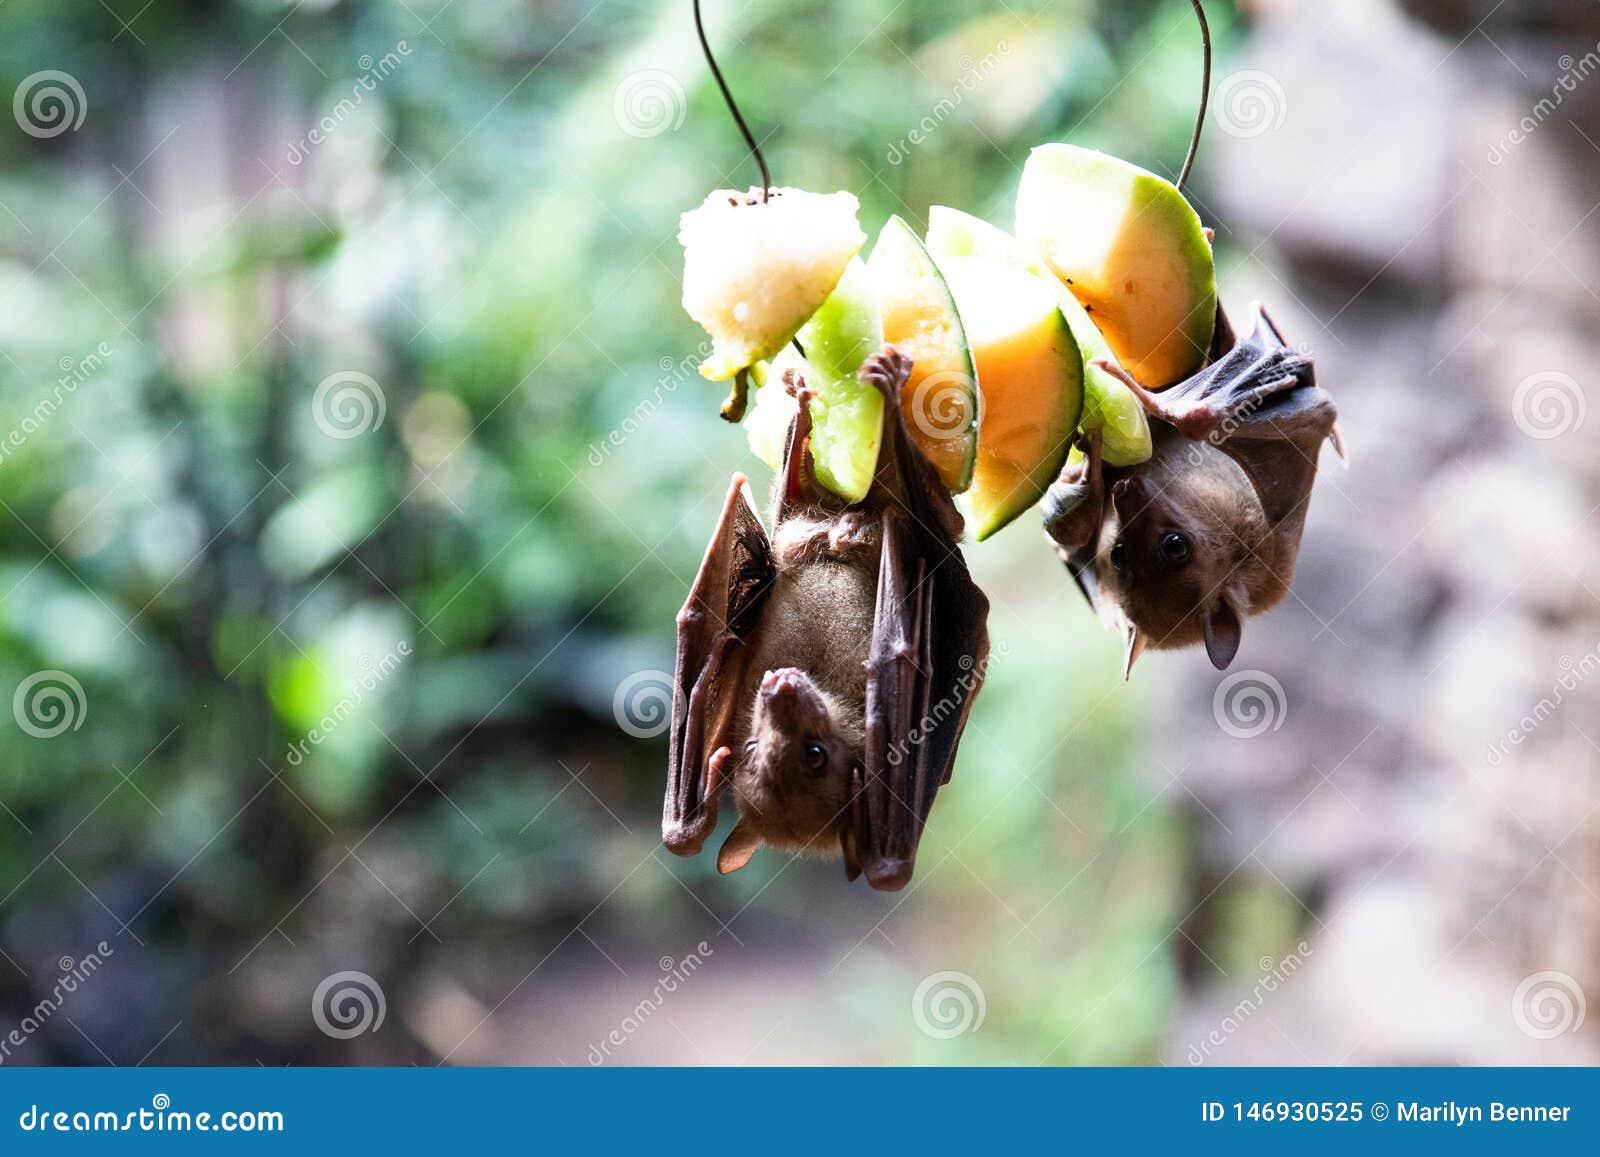 Fruitknuppels die op fruit bij de dierentuin eten